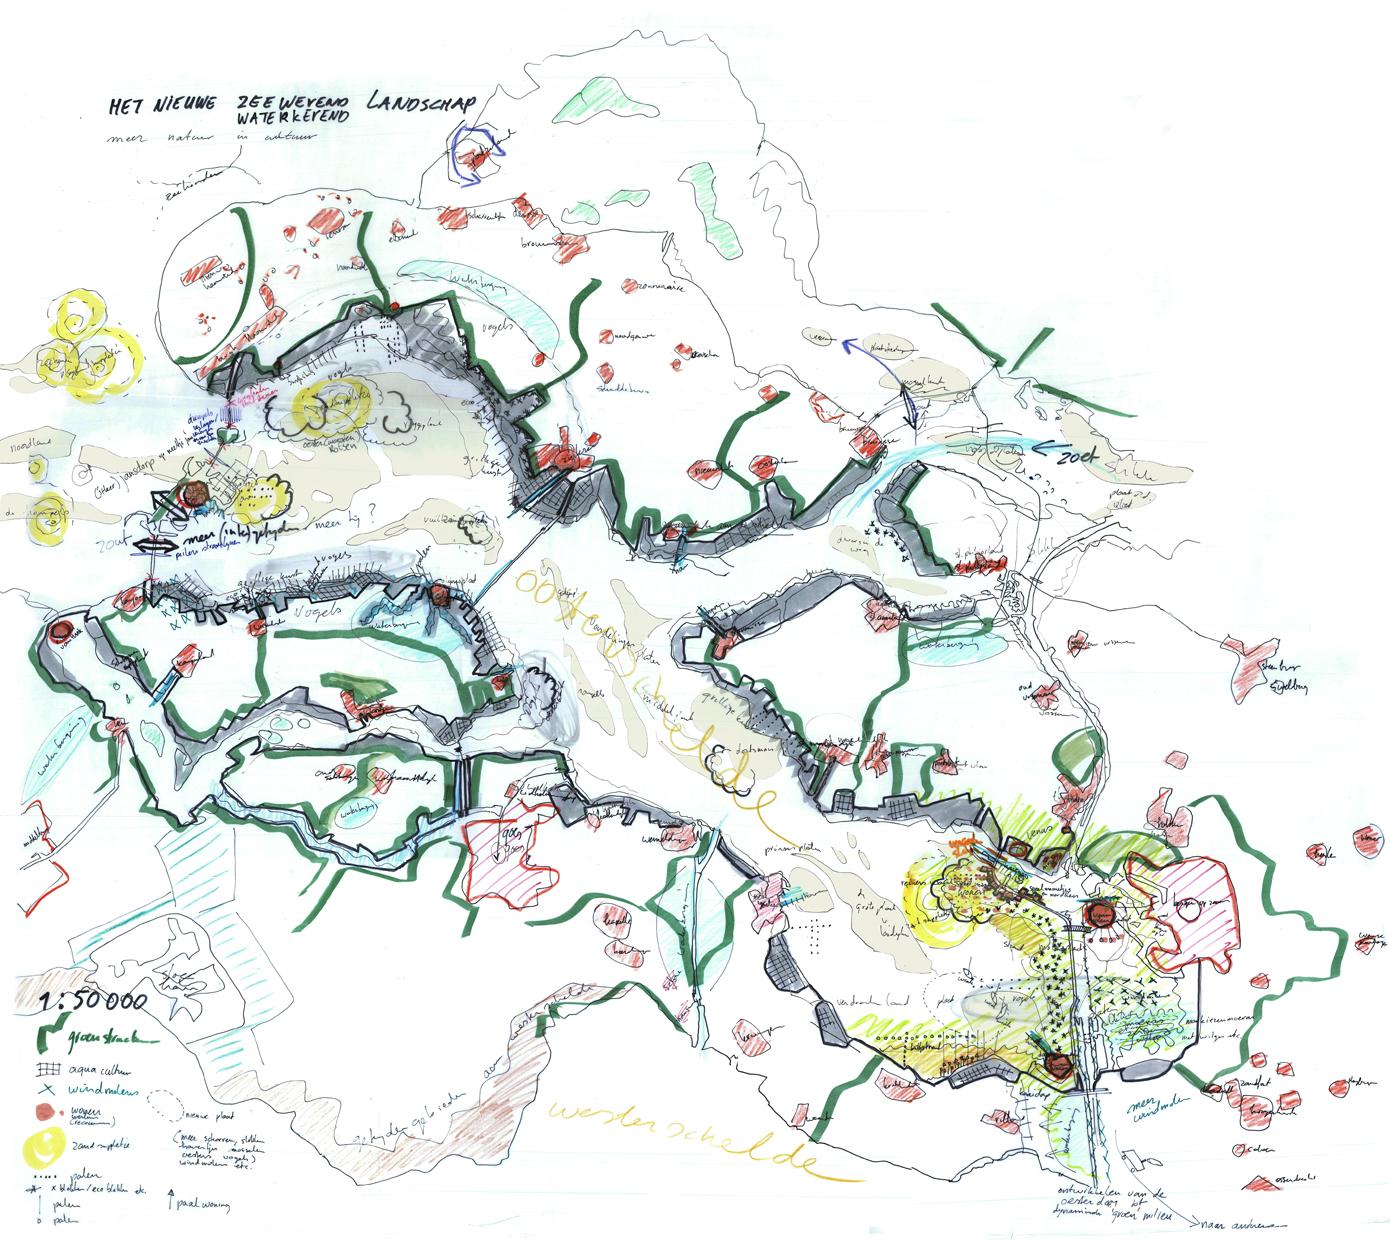 1-zeewerendlandschap-charles-vermaas-vanbeekrietveldbeaufort